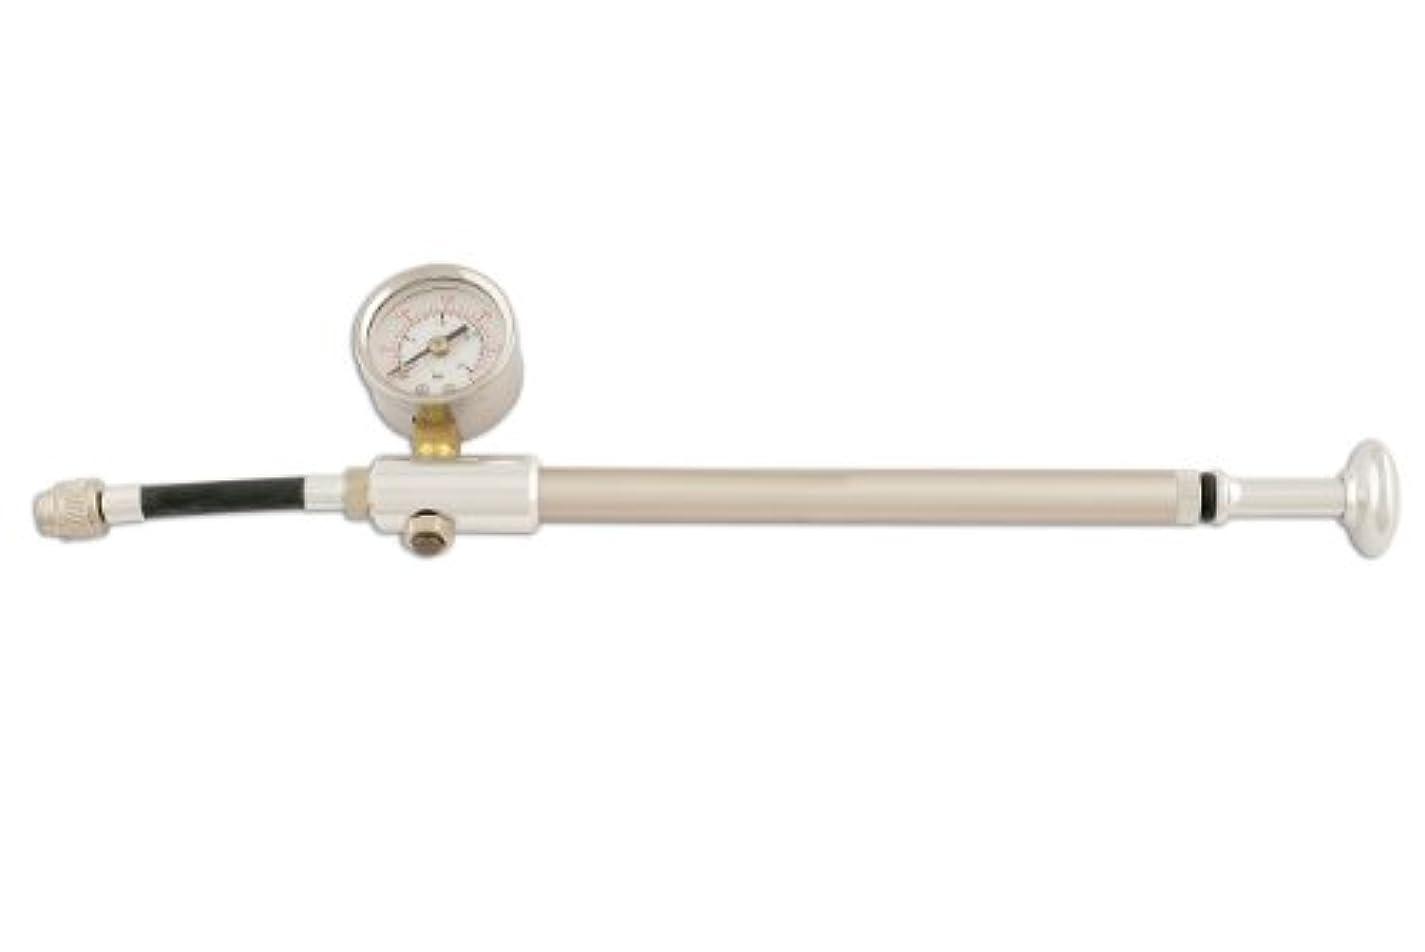 デジタル切る以上Kamasa - 56043 Shock Absorber Pump by Kamasa